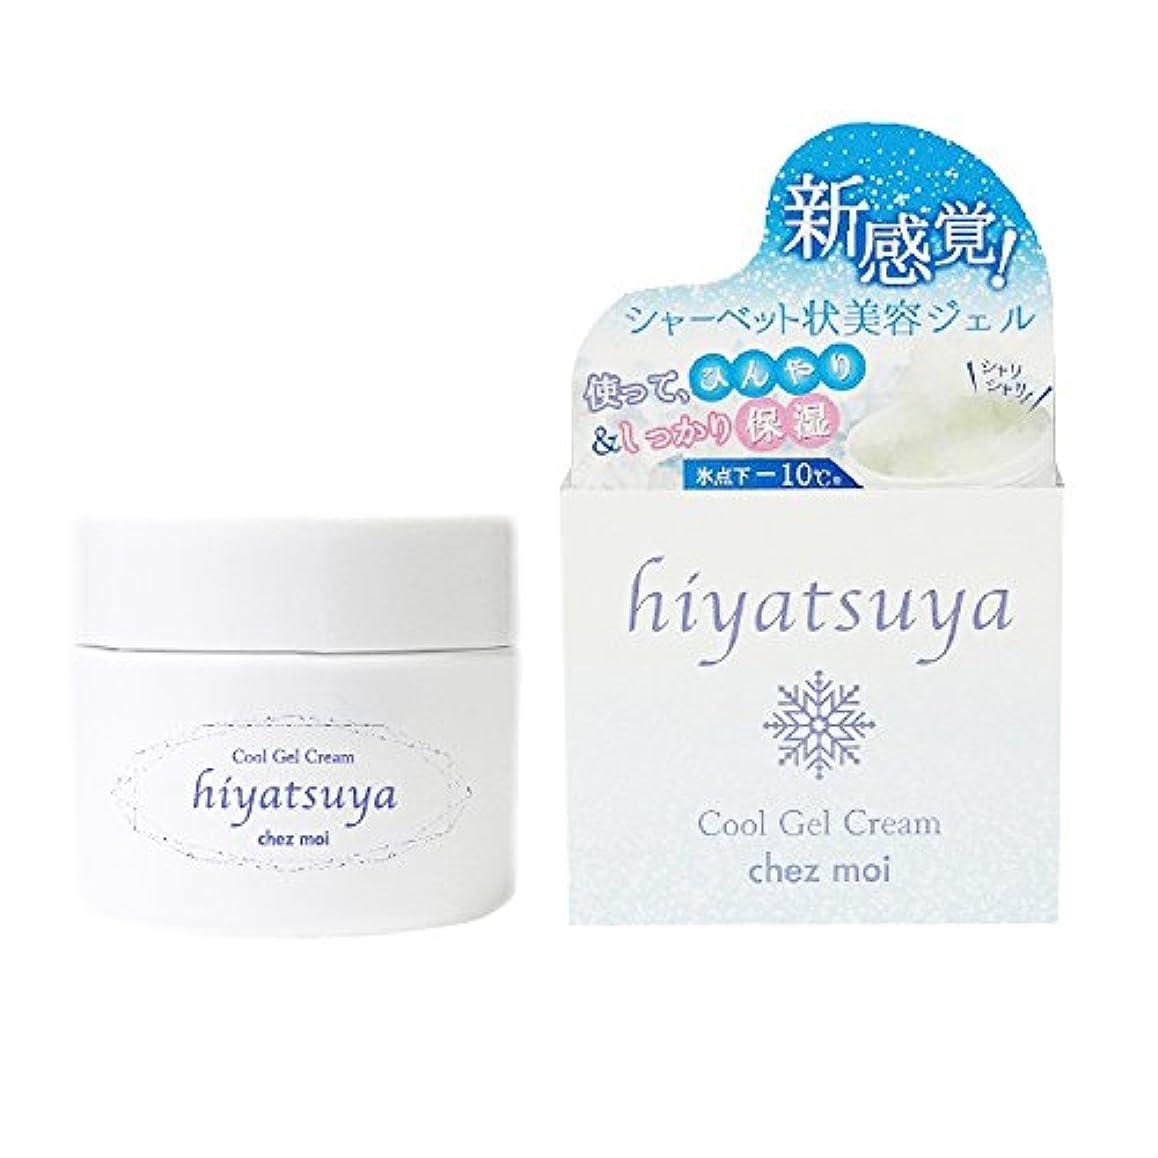 容器企業過激派シェモア hiyatsuya(ヒヤツヤ) cool gel cream 70g